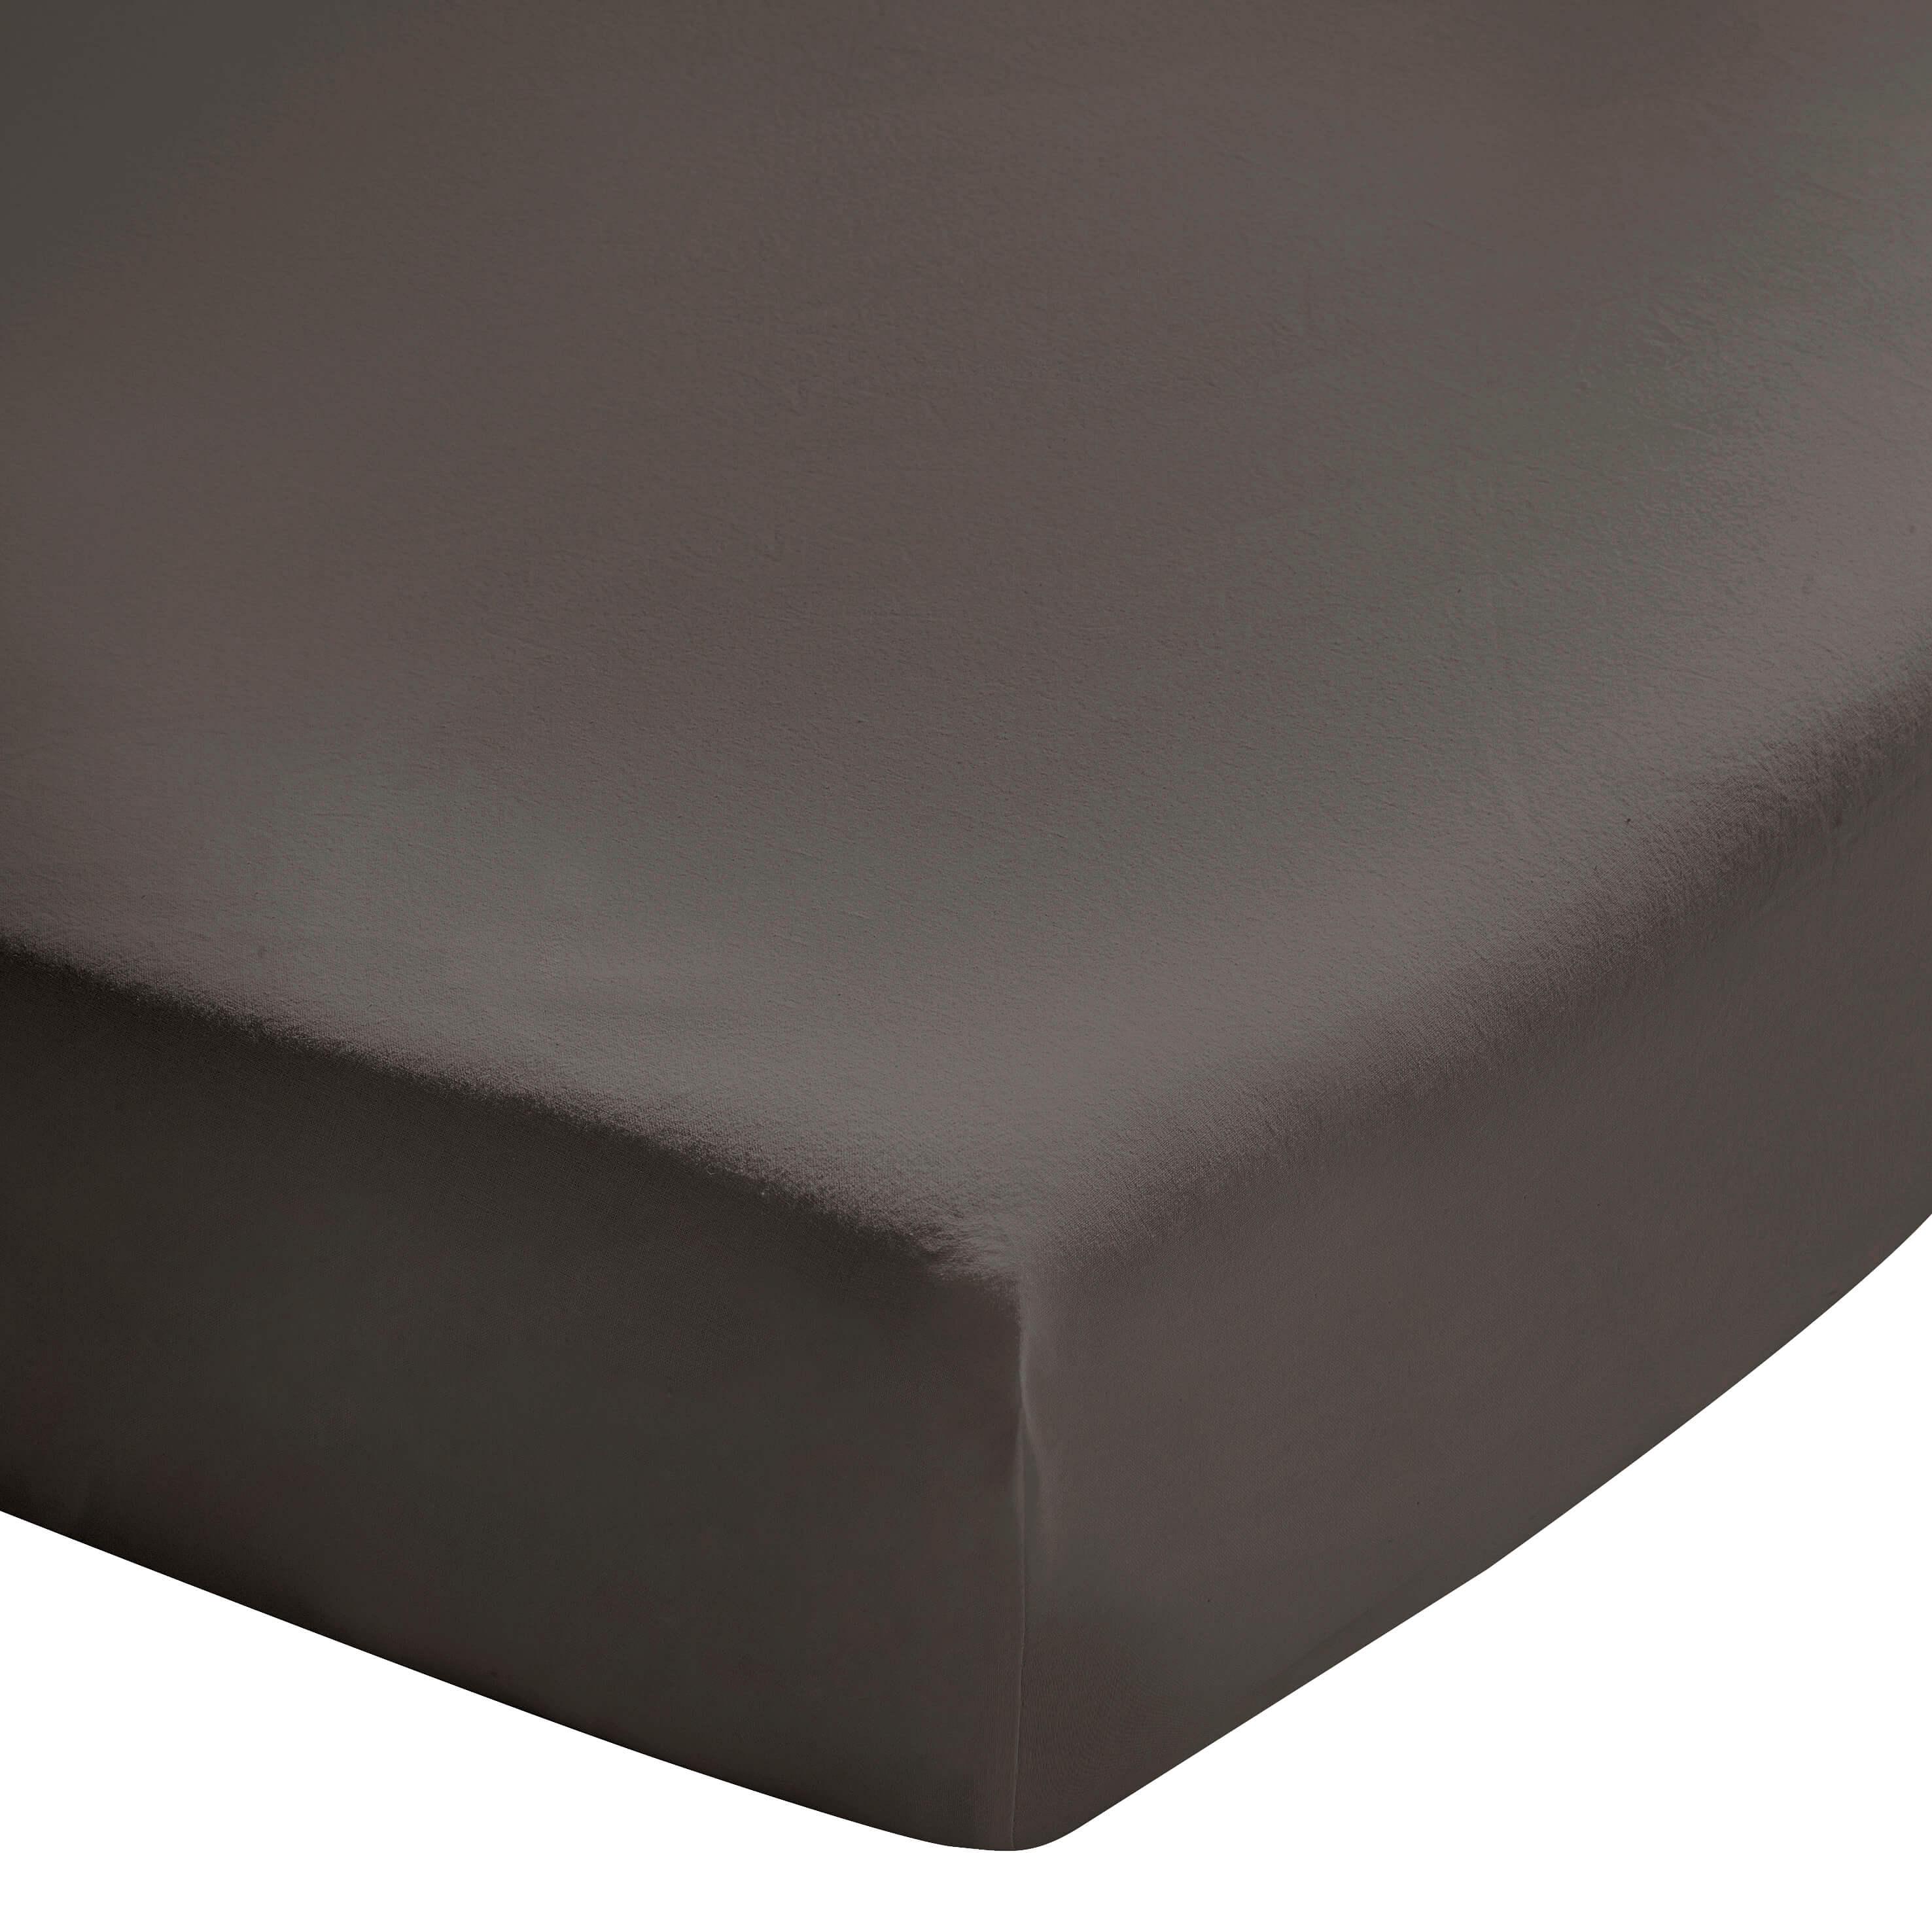 Drap housse zinc en coton lavé gris foncé Zinc 180x200